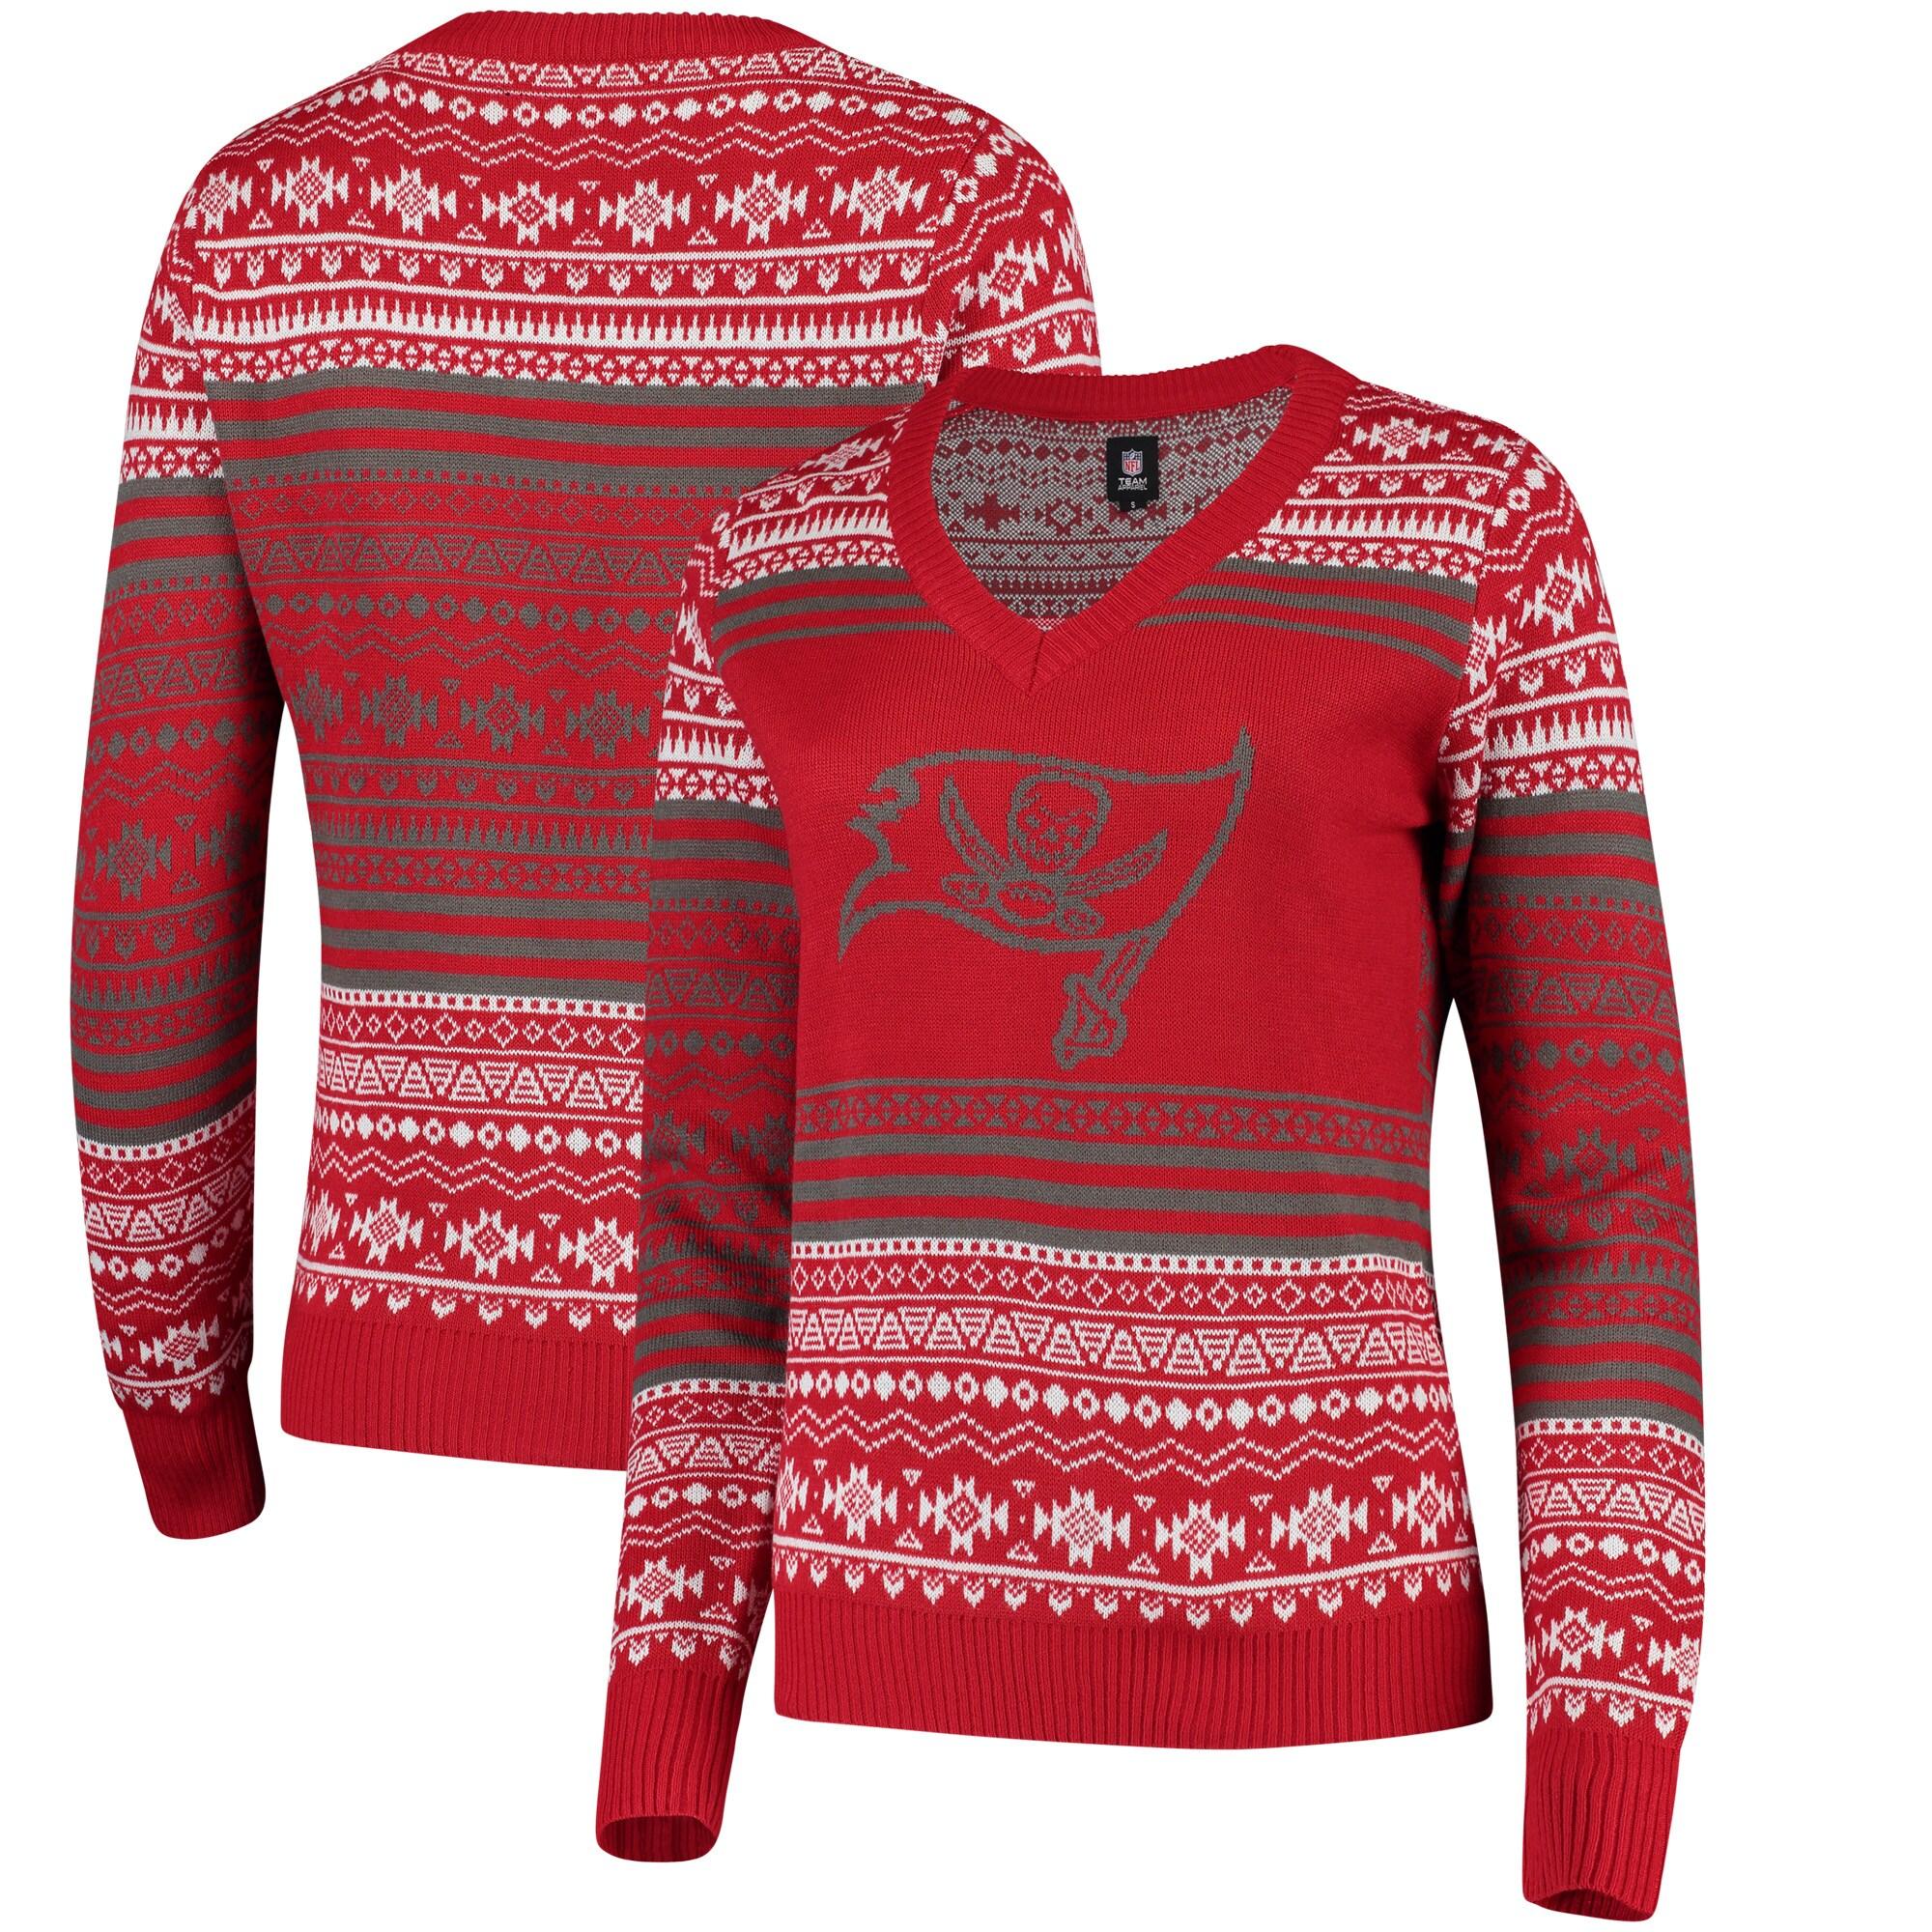 Tampa Bay Buccaneers Women's Big Logo Aztec V-Neck Sweater - Red